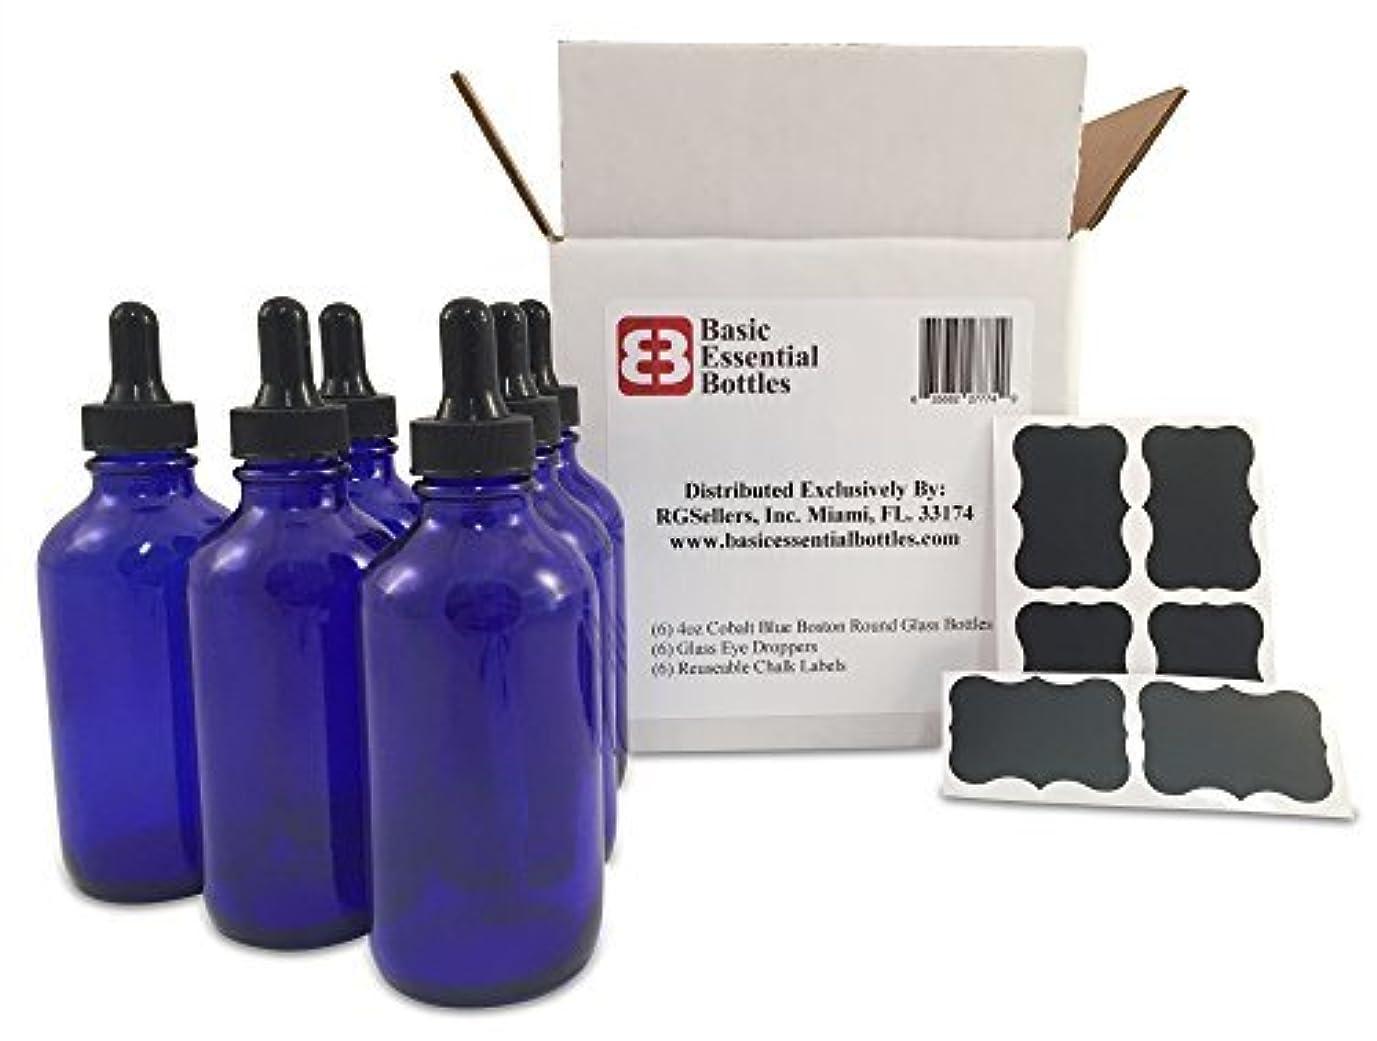 電圧抜本的なラフ睡眠(6) 4 oz Empty Cobalt Blue Glass Bottles W/Glass Eye Droppers and (6) Chalk Labels for Essential Oils, Aromatherapy...